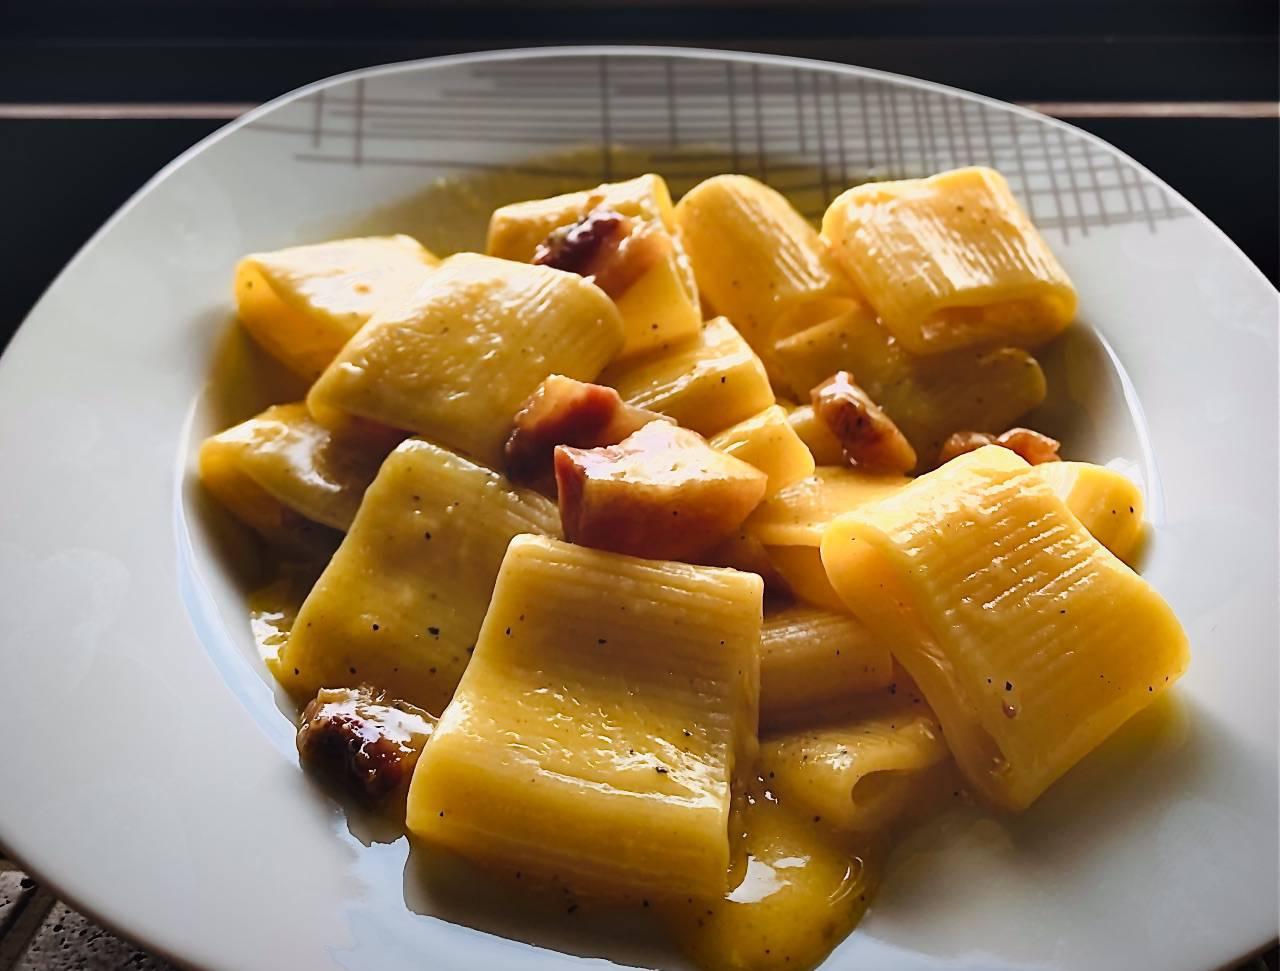 Ricetta carbonara tradizionale: i segreti dello chef del Gambero Rosso